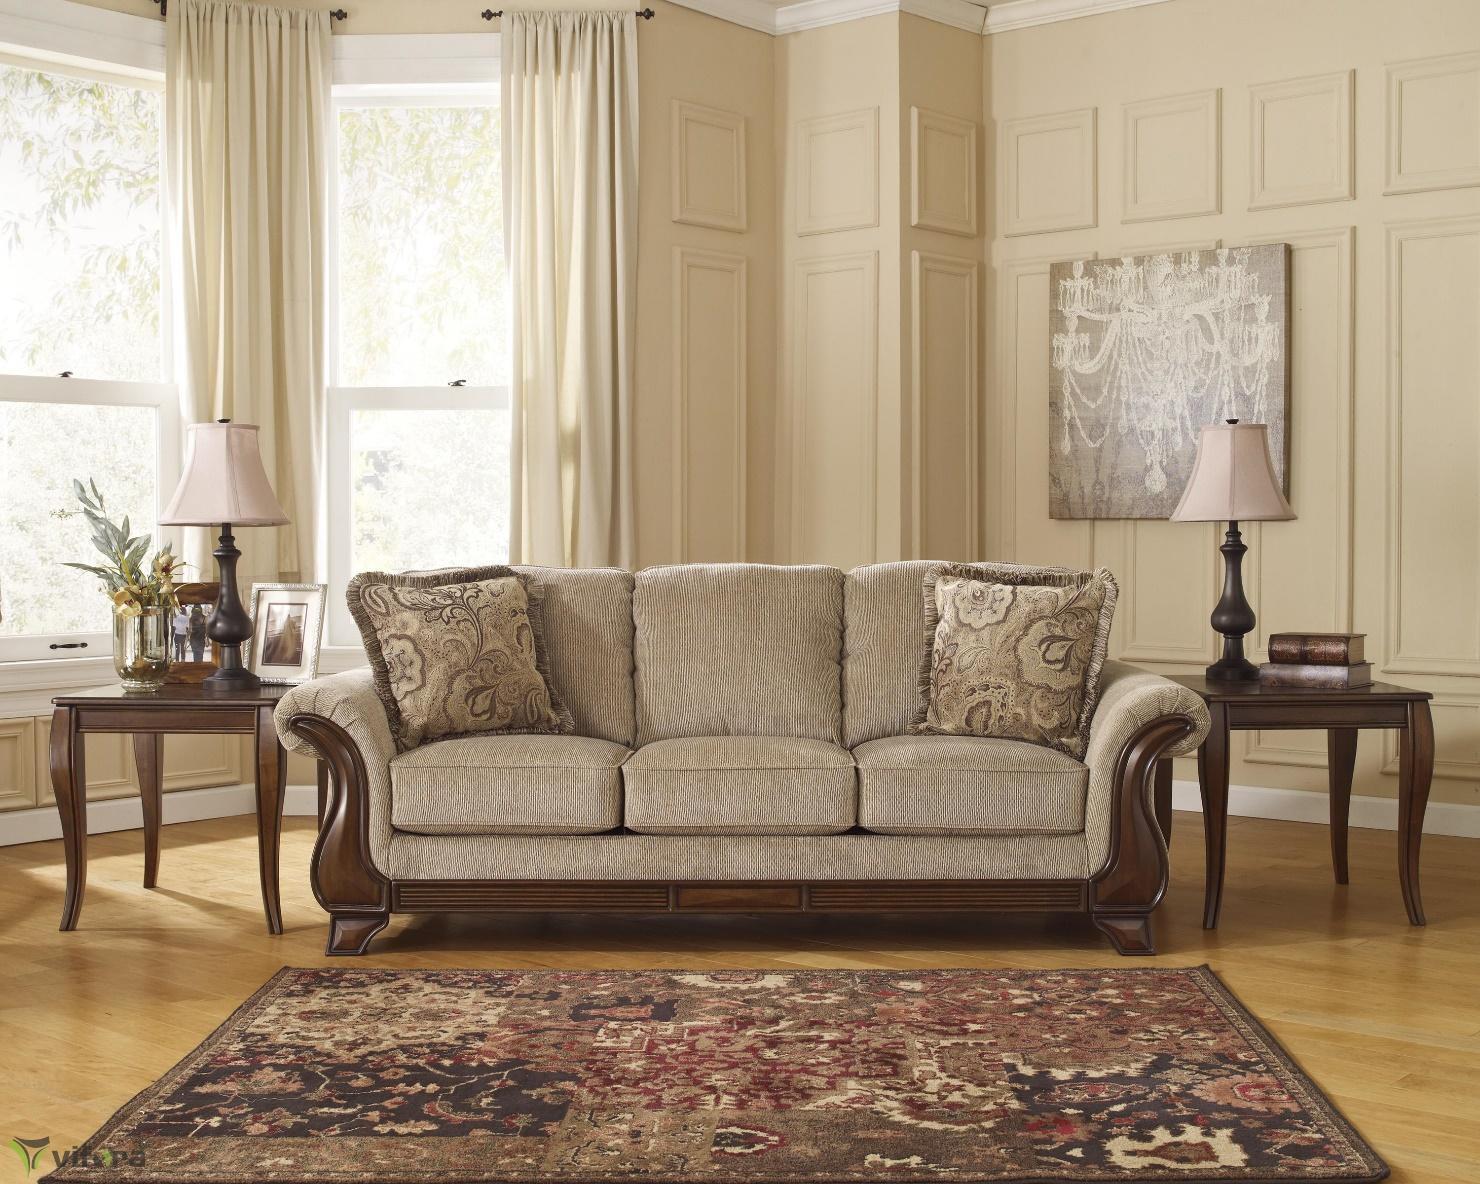 Прямой диван – универсальность, помноженная на эстетику